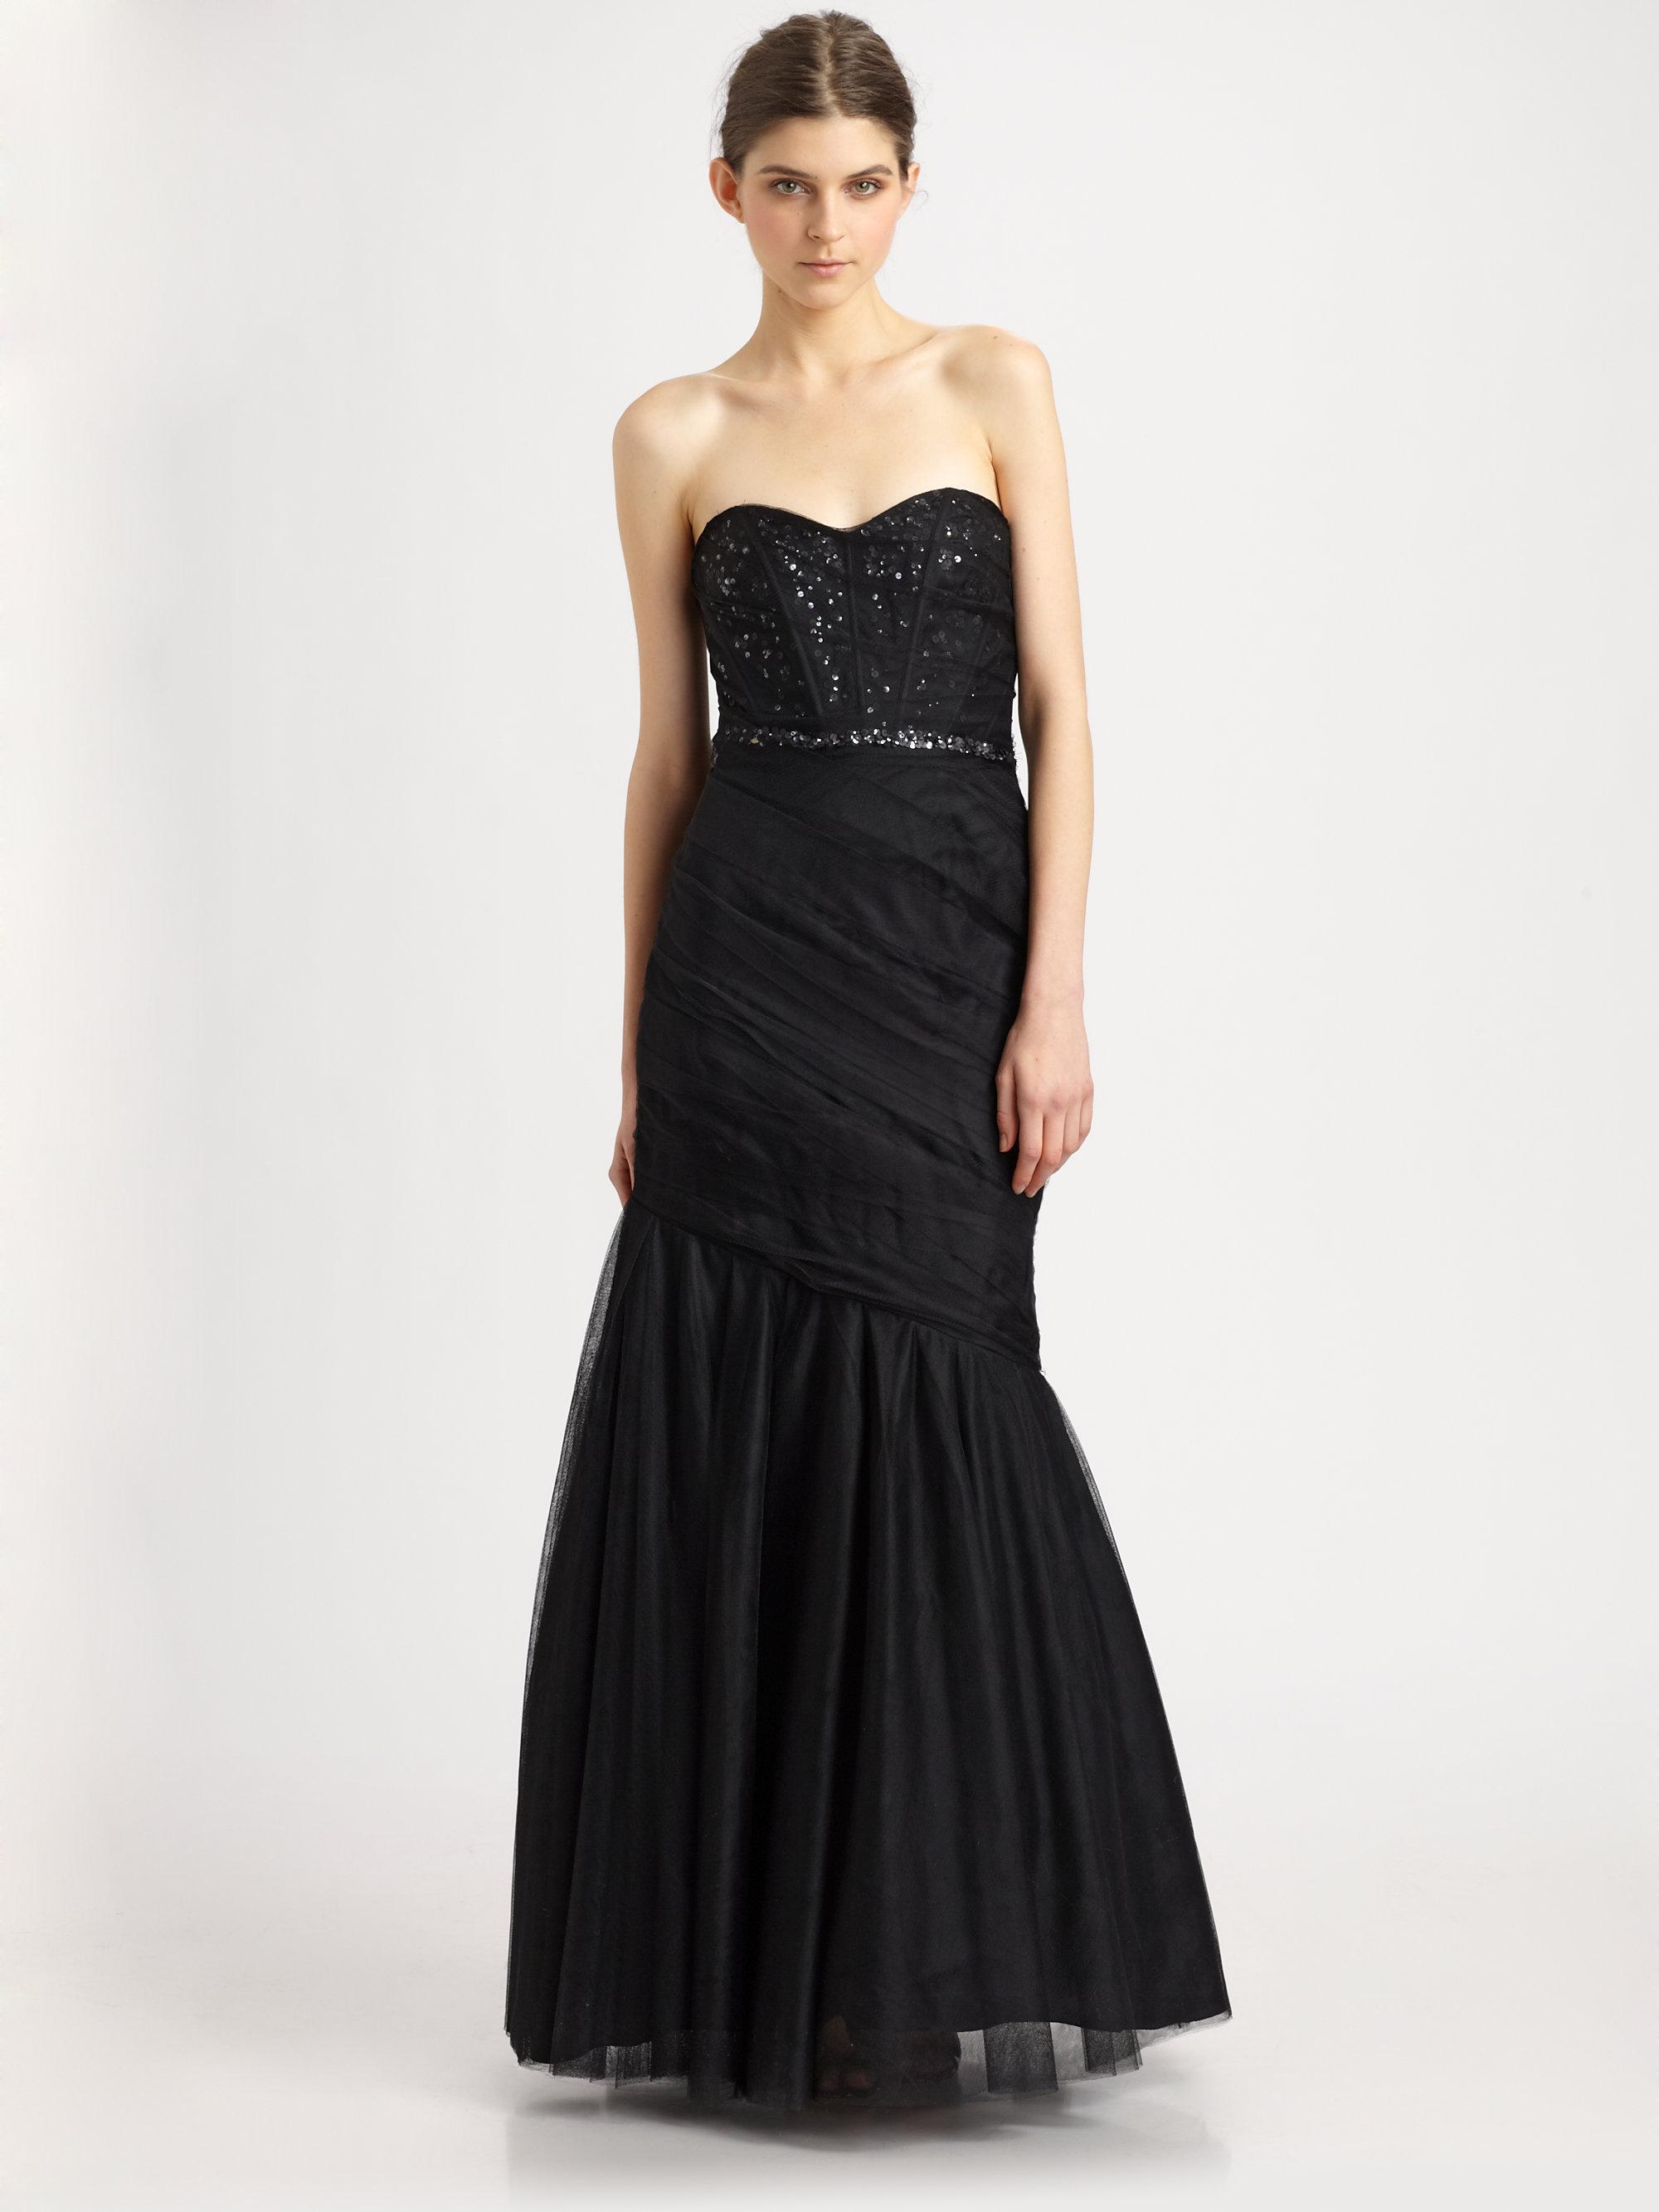 Lyst - ML Monique Lhuillier Strapless Gown in Black